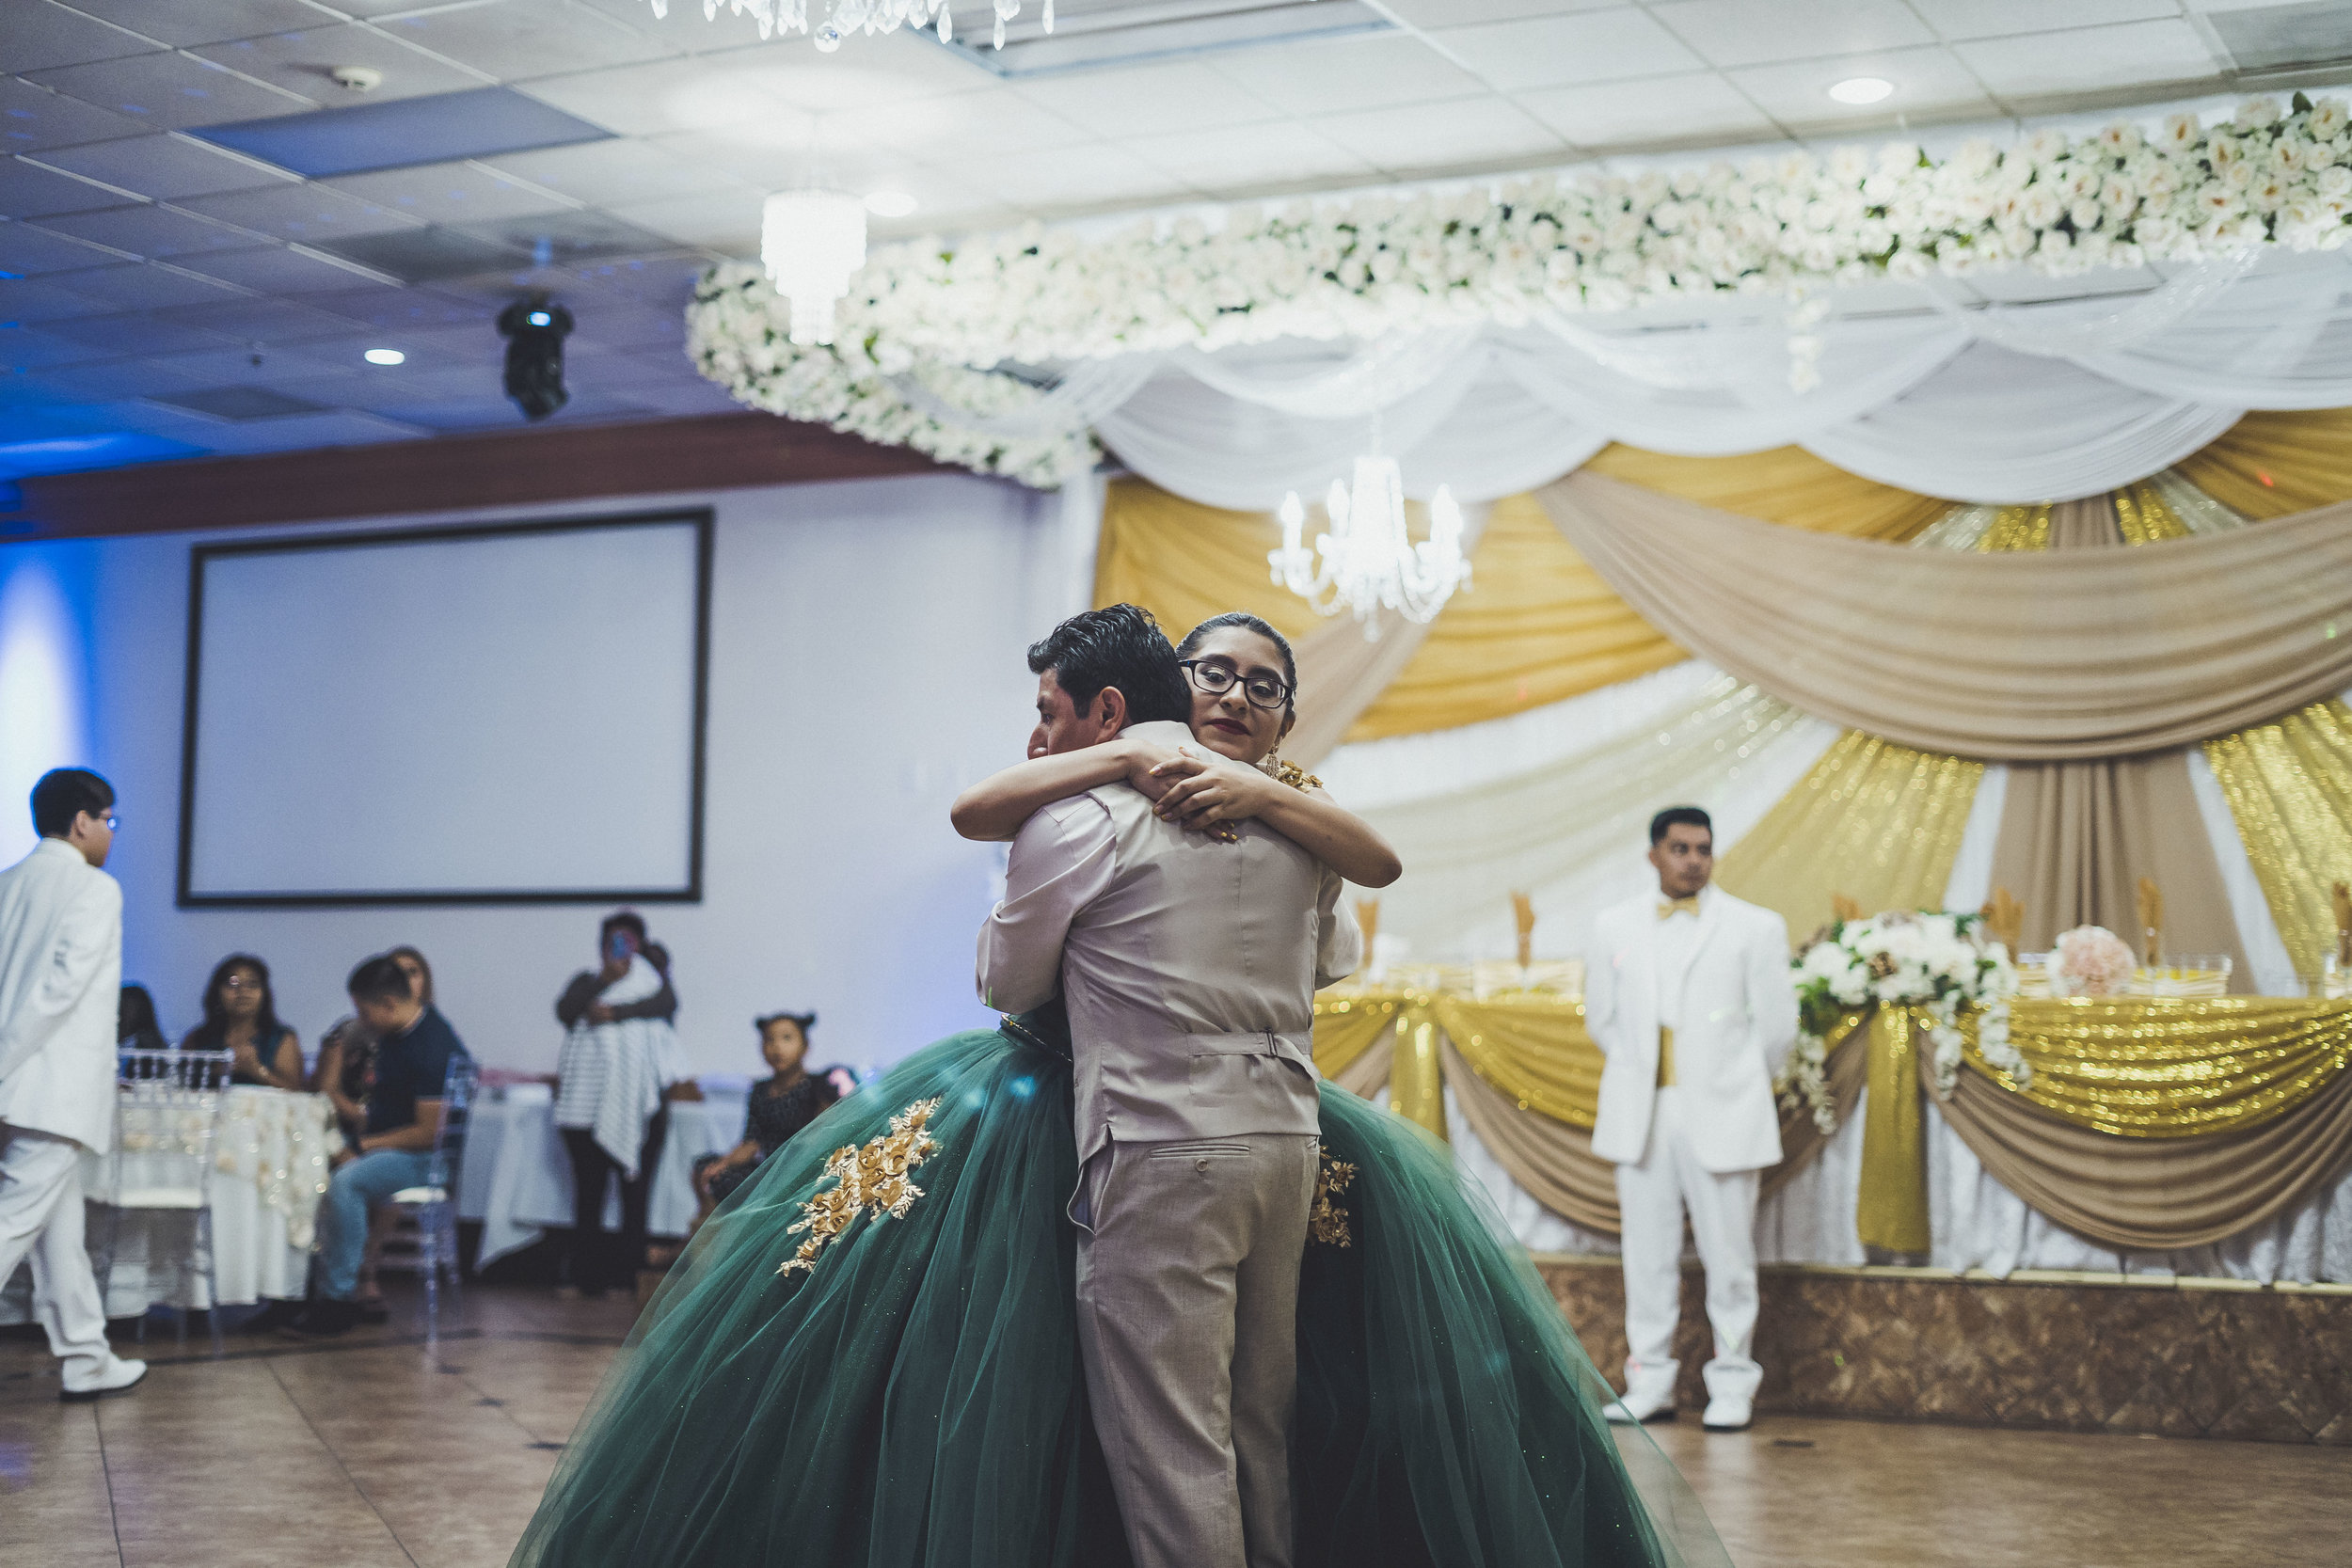 06-07-2019 Quinceañera - Ariana Garcia Maximilliano_6591.jpg